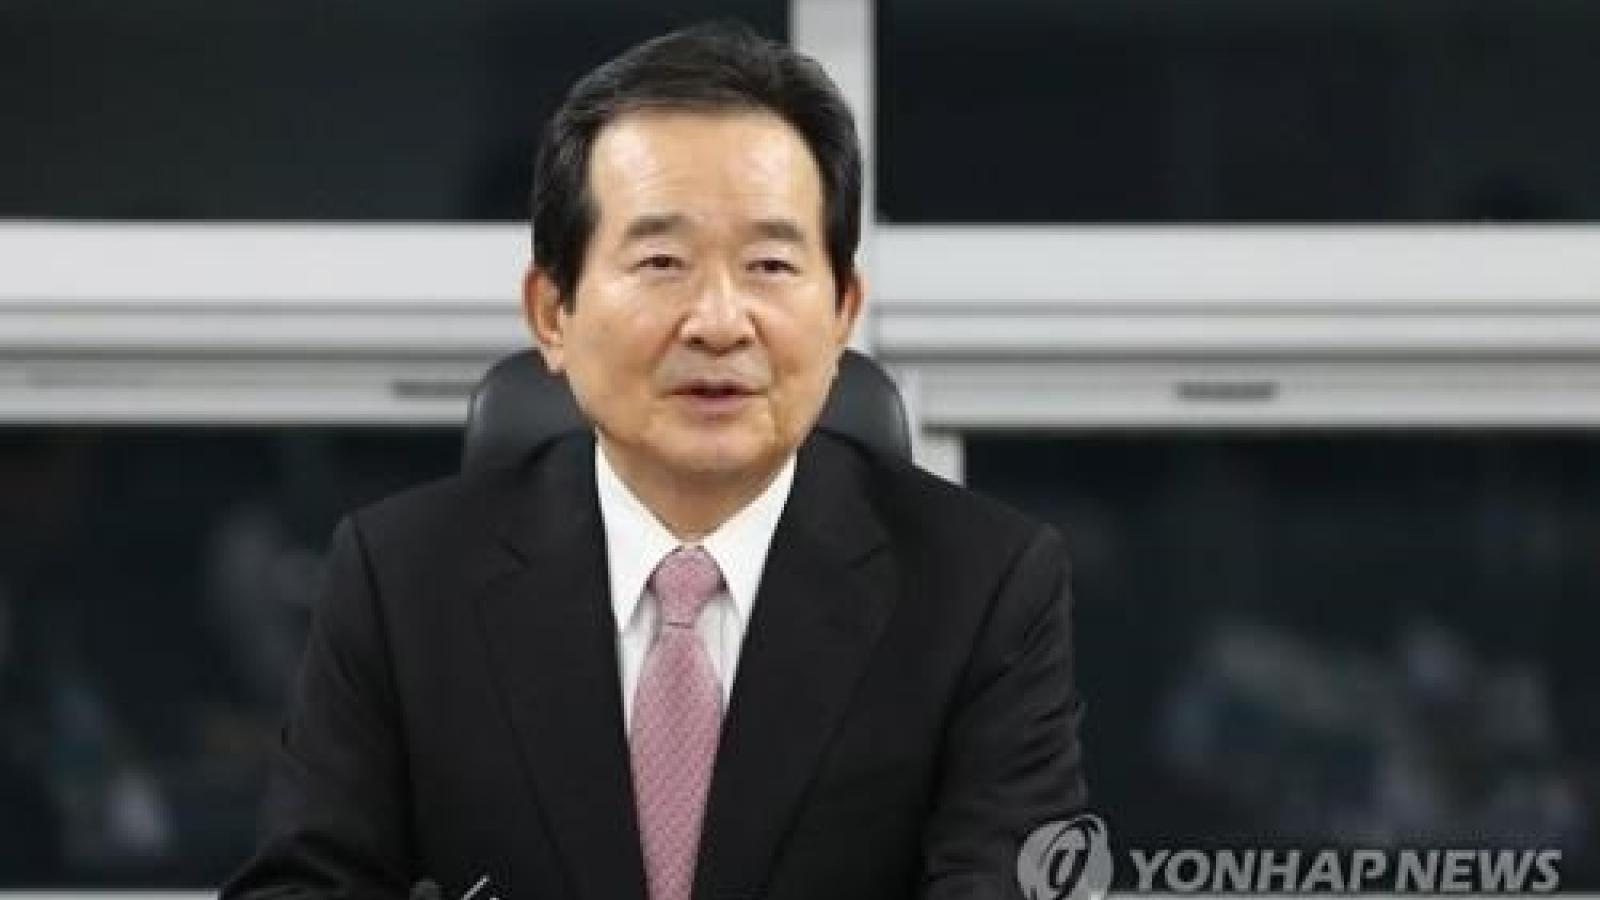 Thủ tướng Hàn Quốc sẽ từ chức?